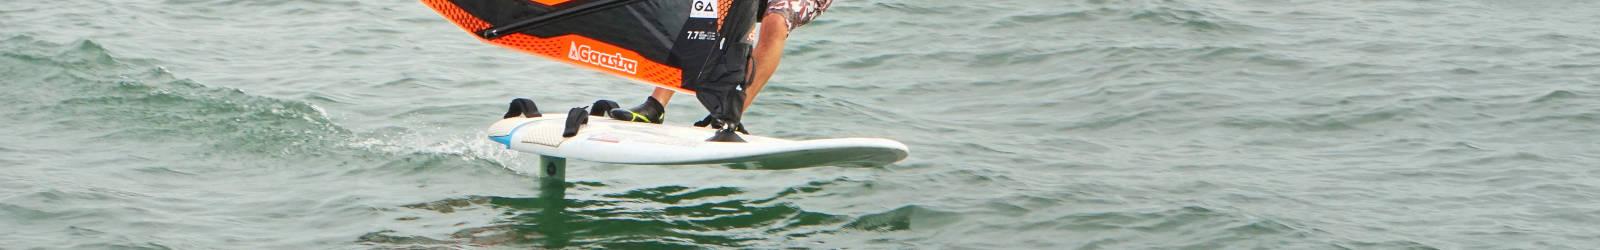 Shawna Cropas byThorsten | Surf girls, Surfing, Surfer girl